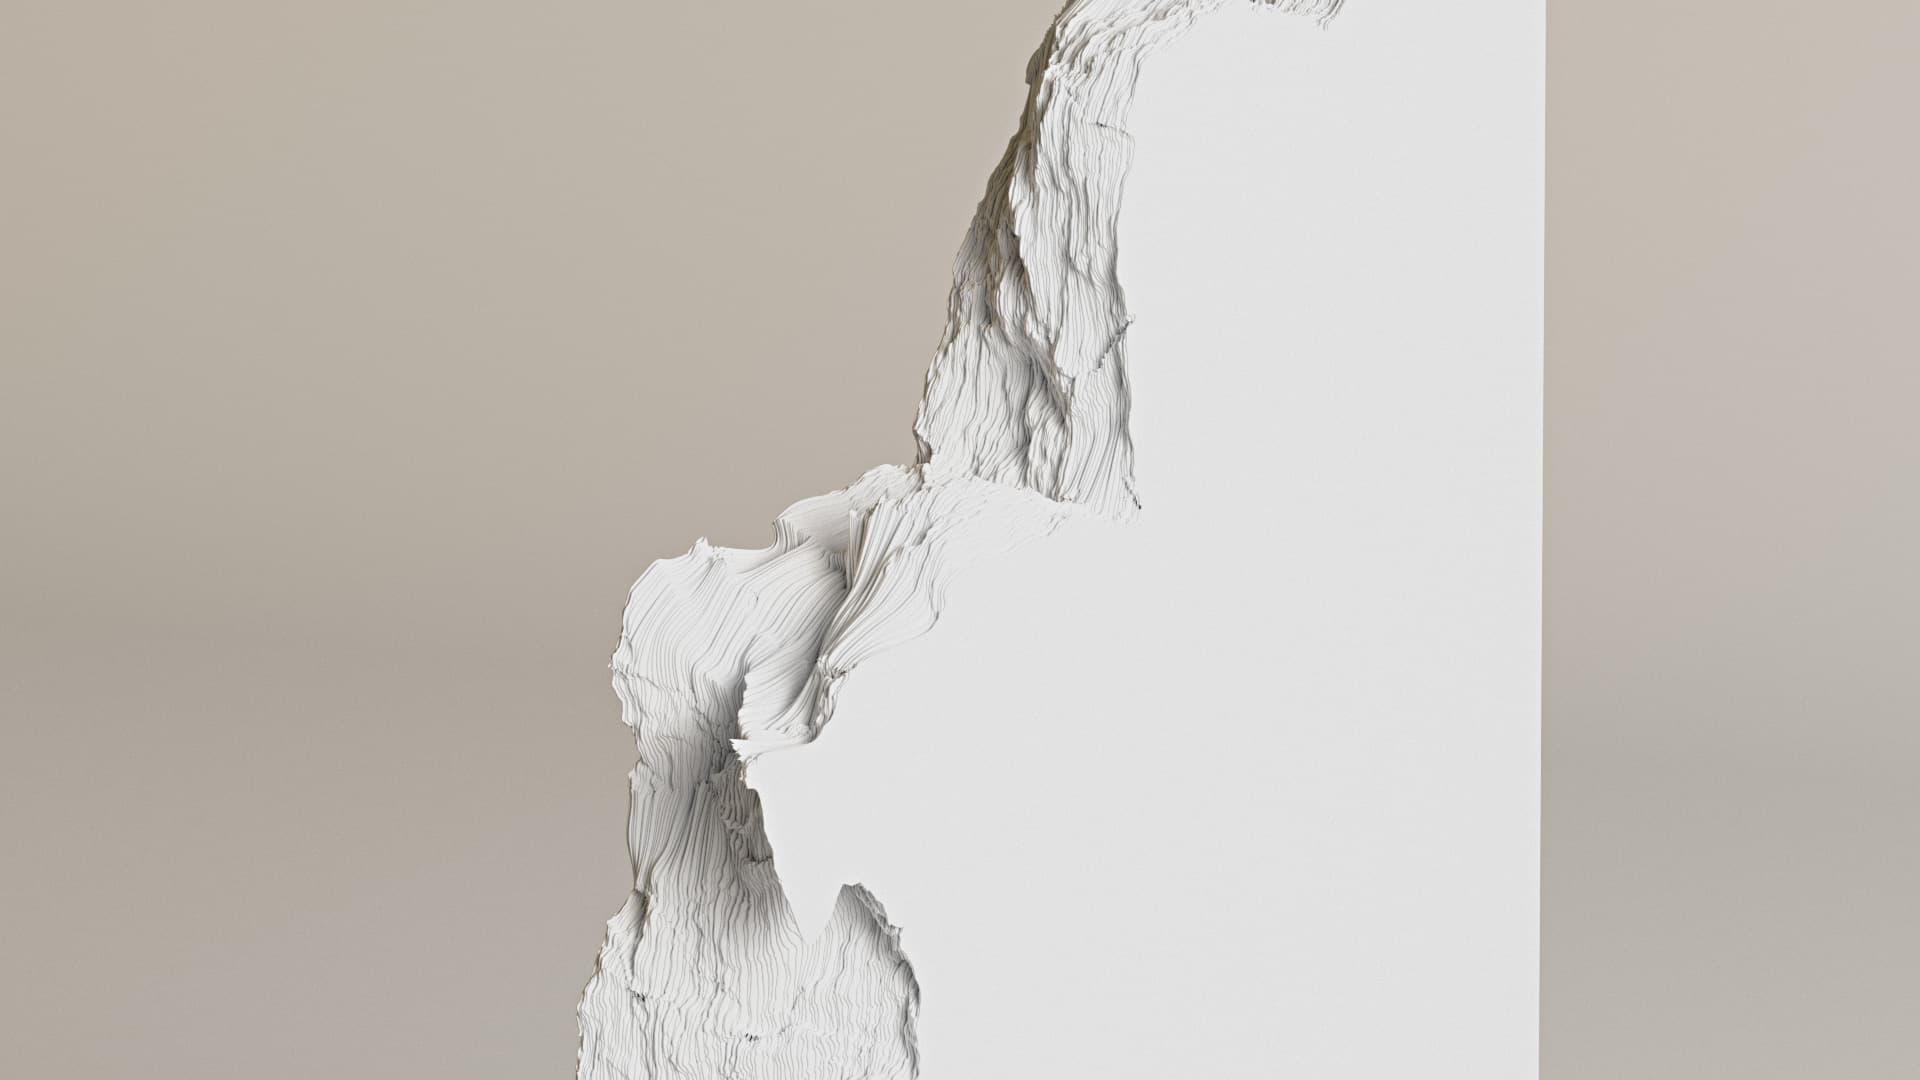 Wall_HD_still